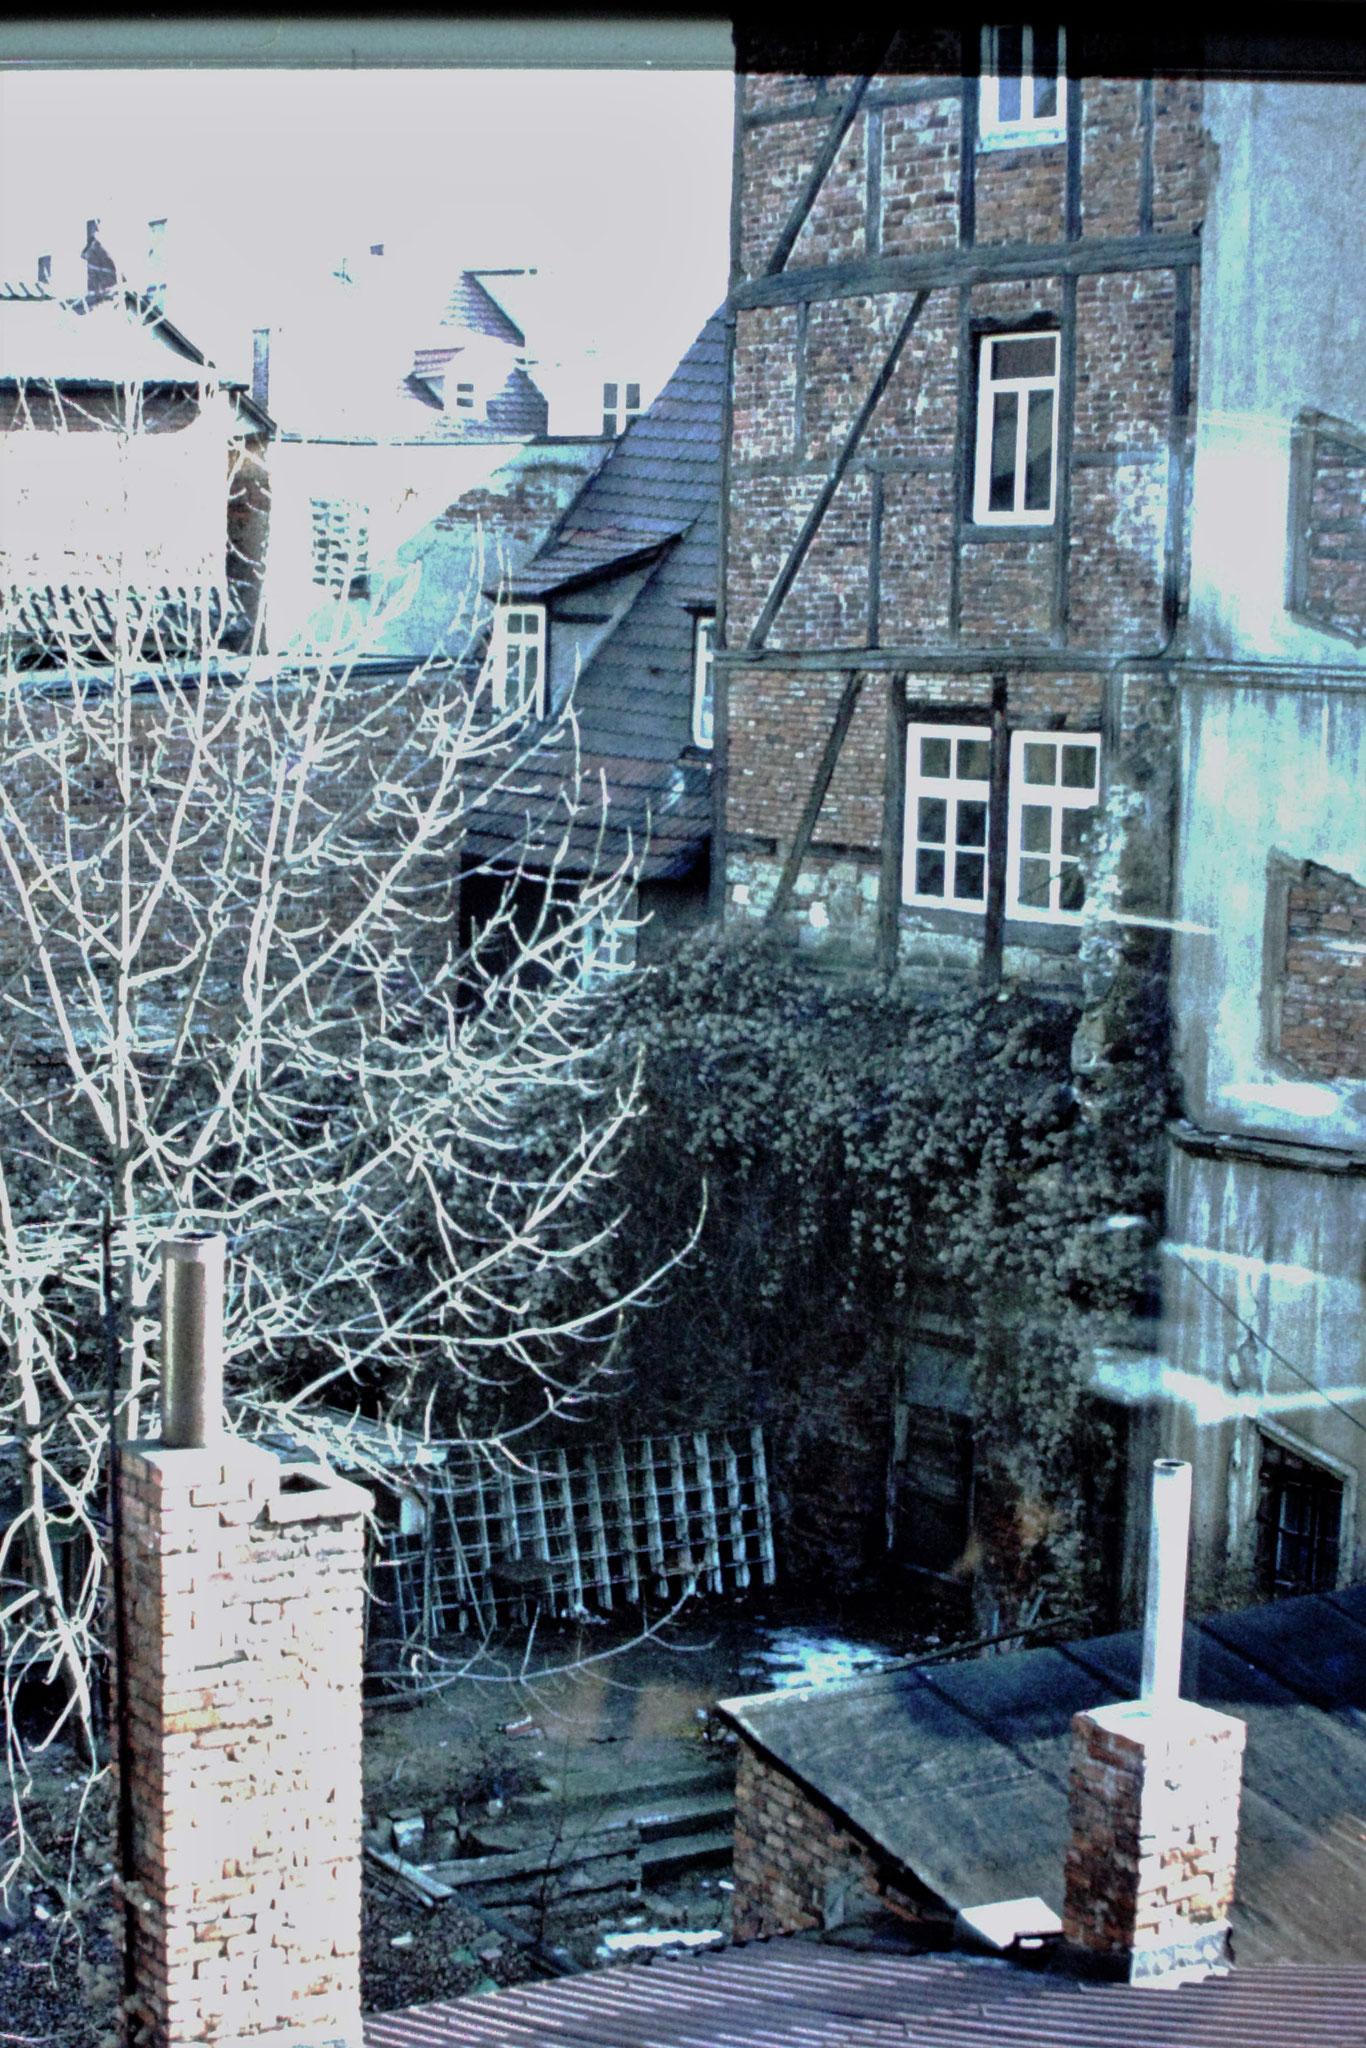 27.2.1979 Innenhof